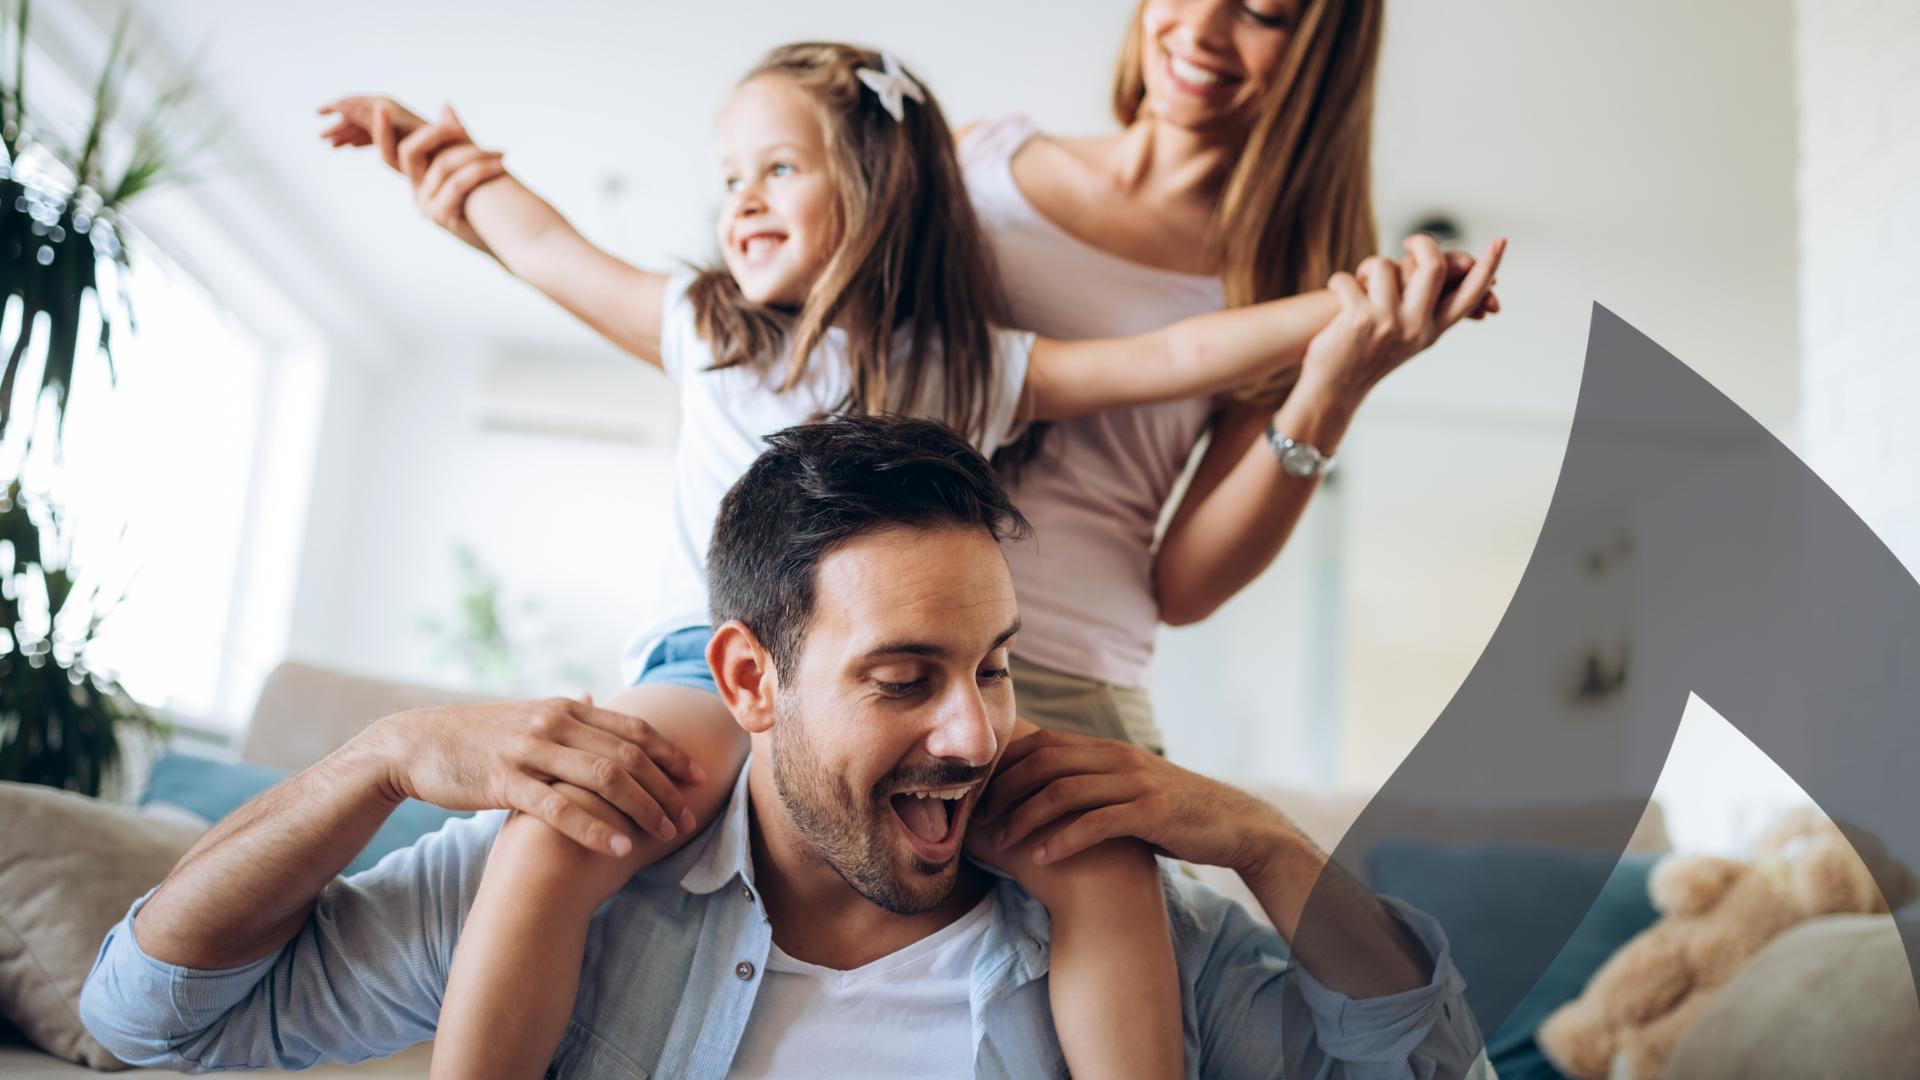 KD Nuoret hallituksen perhevapaamallista: Suomalaiset perheet eivät halua kiintiöitä perhevapaisiin